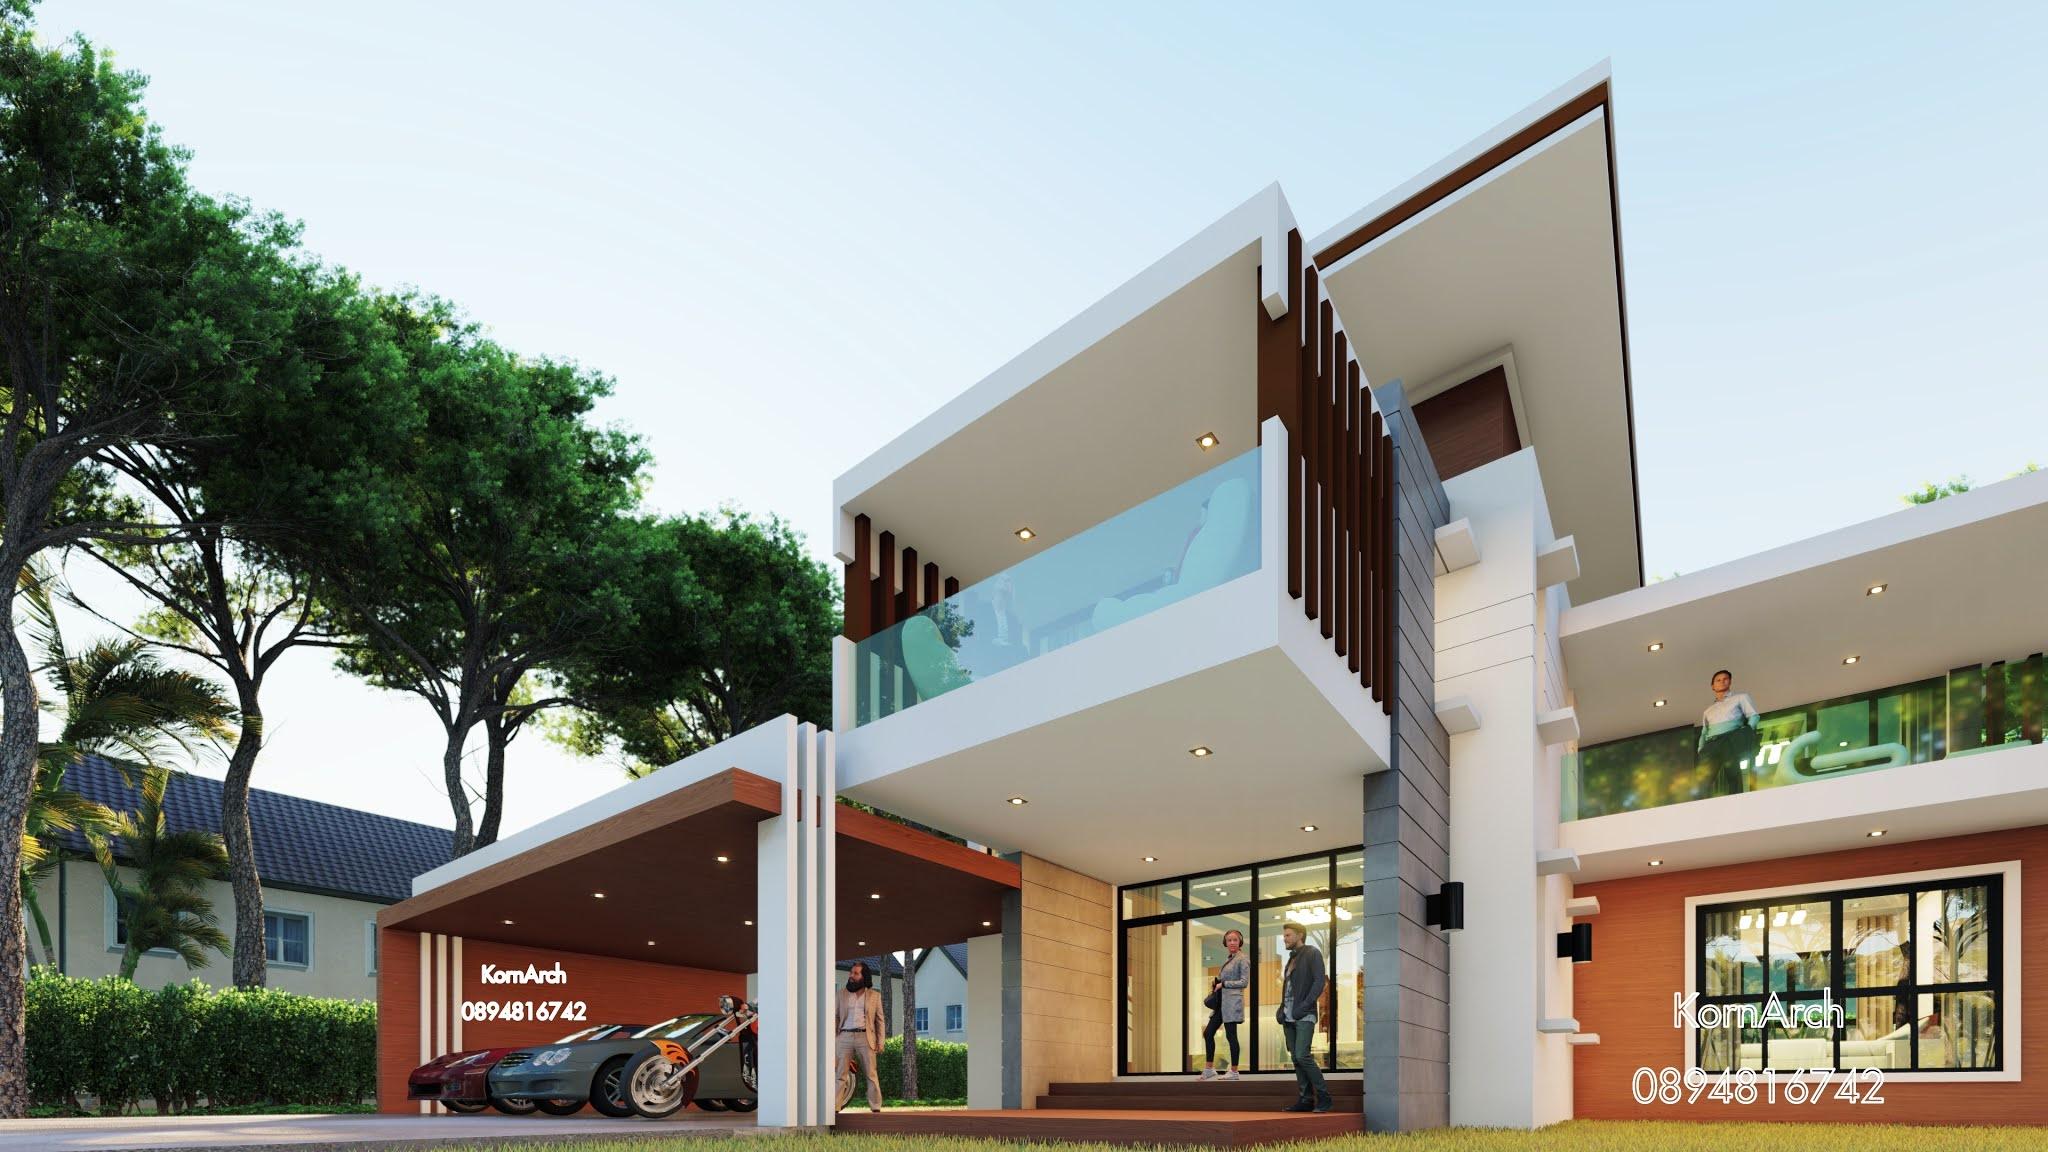 แบบบ้าน2ชั้น เจ้าของอาคารคุณนิรัตน์ ชัยวิชิต  สถานที่ก่อสร้าง อ.ชัยบาดาล จ.ลพบุรี